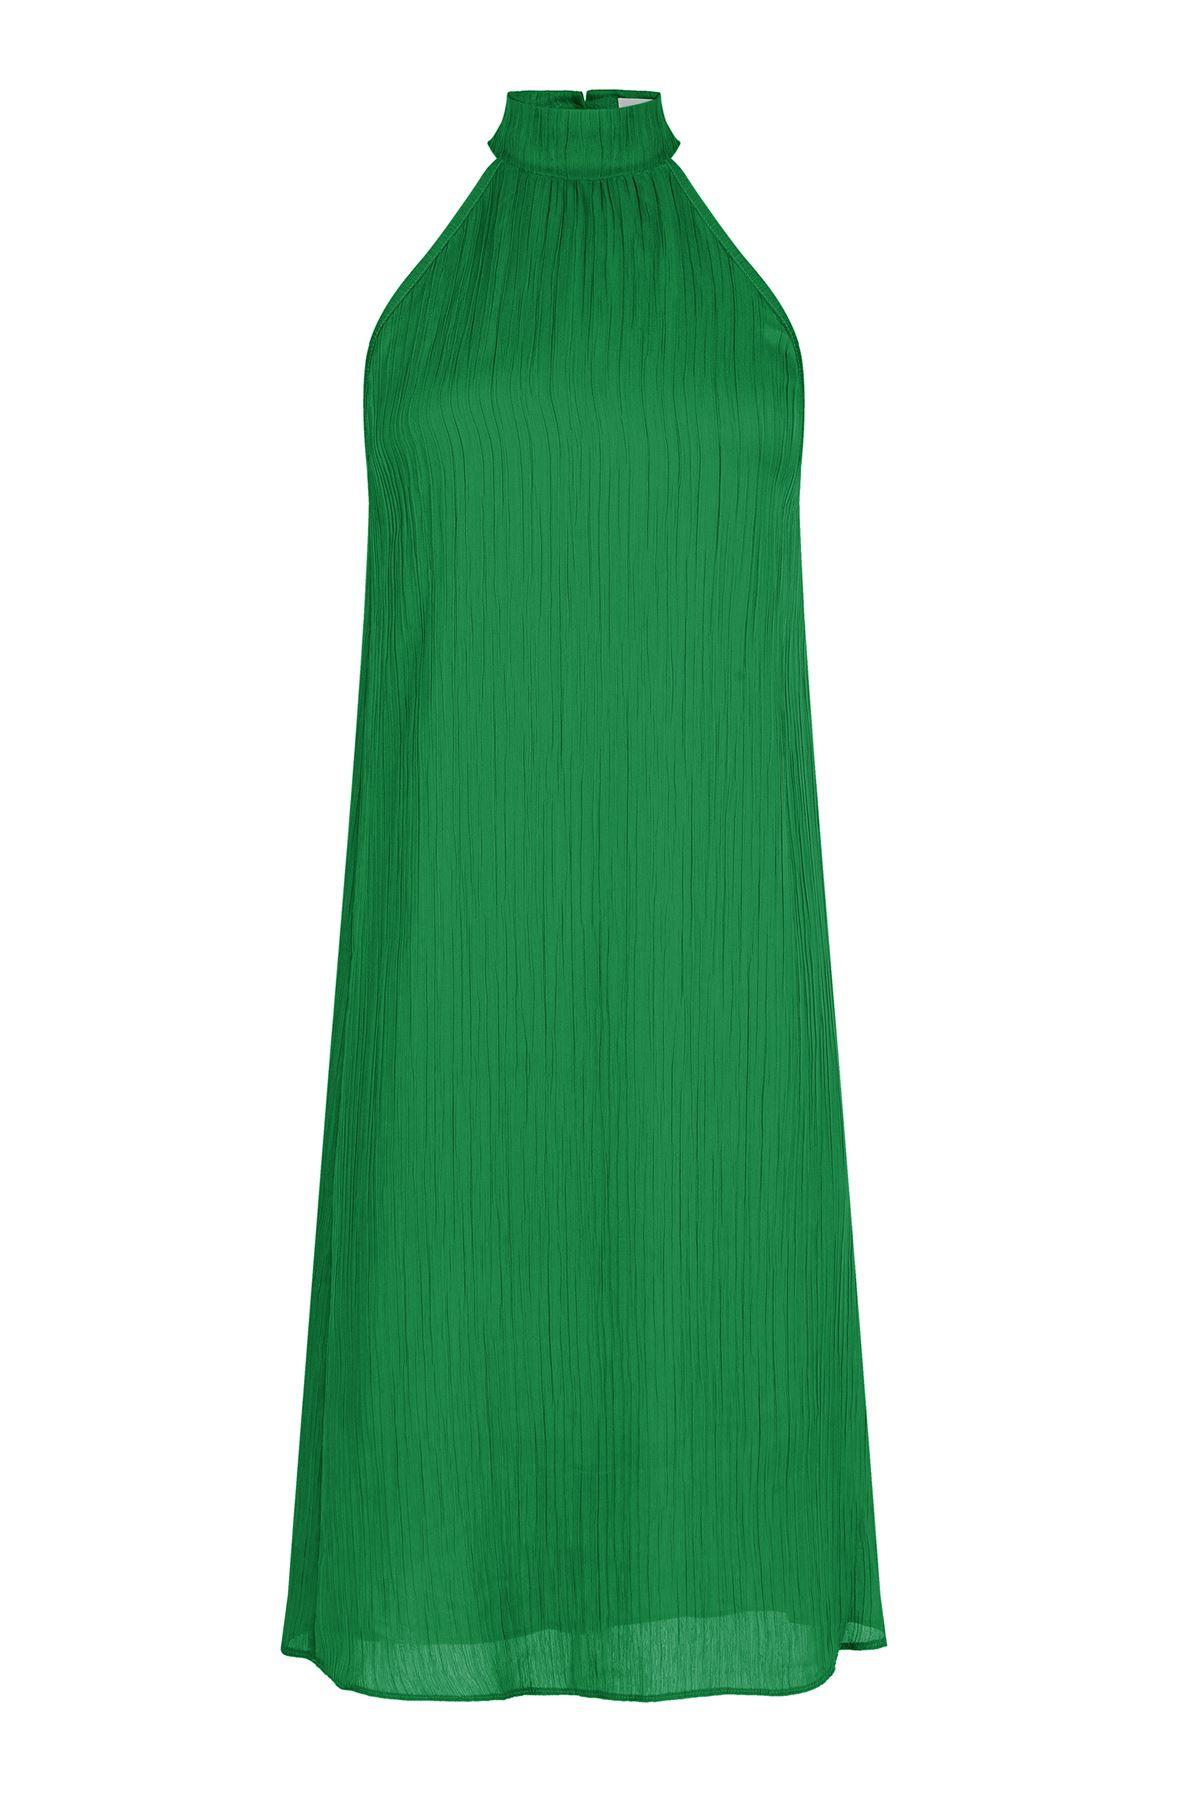 Kendinden Pileli Yeşil Midi Elbise